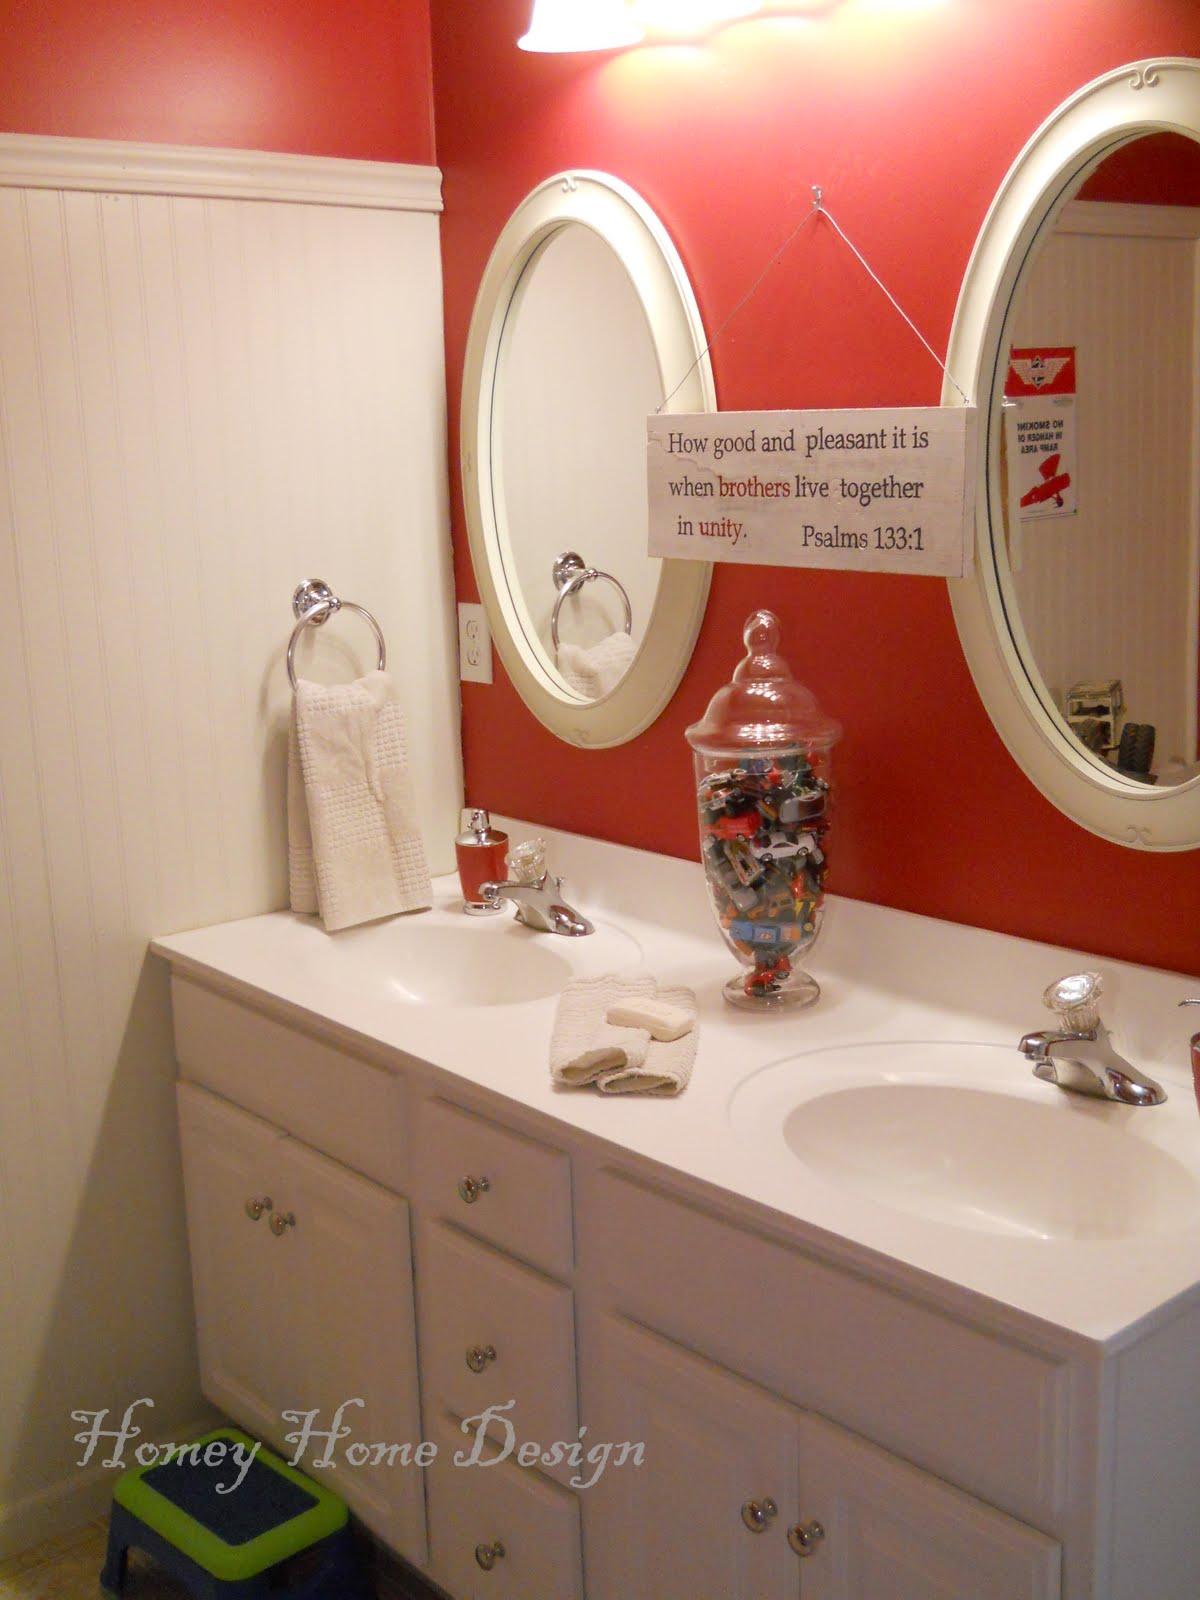 homey home design boys budget bathroom